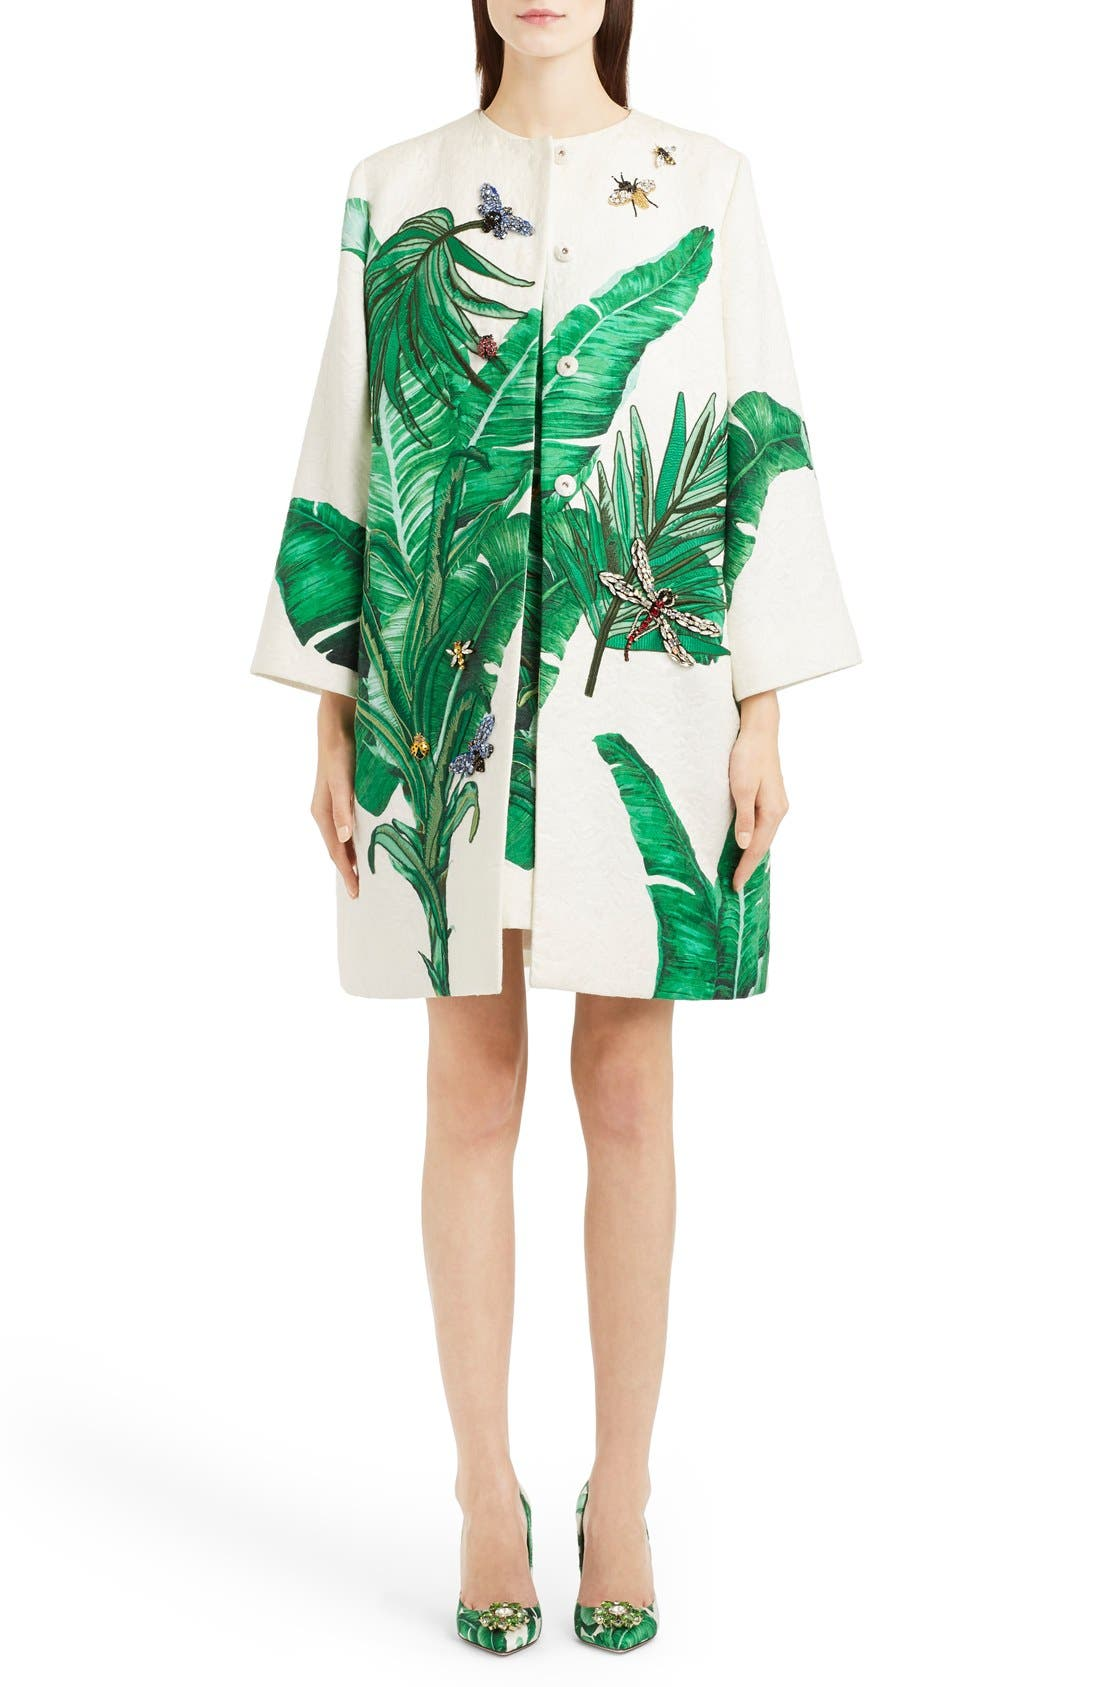 Alternate Image 1 Selected - Dolce&Gabbana Crystal Embellished Banana Leaf Print Brocade Topper